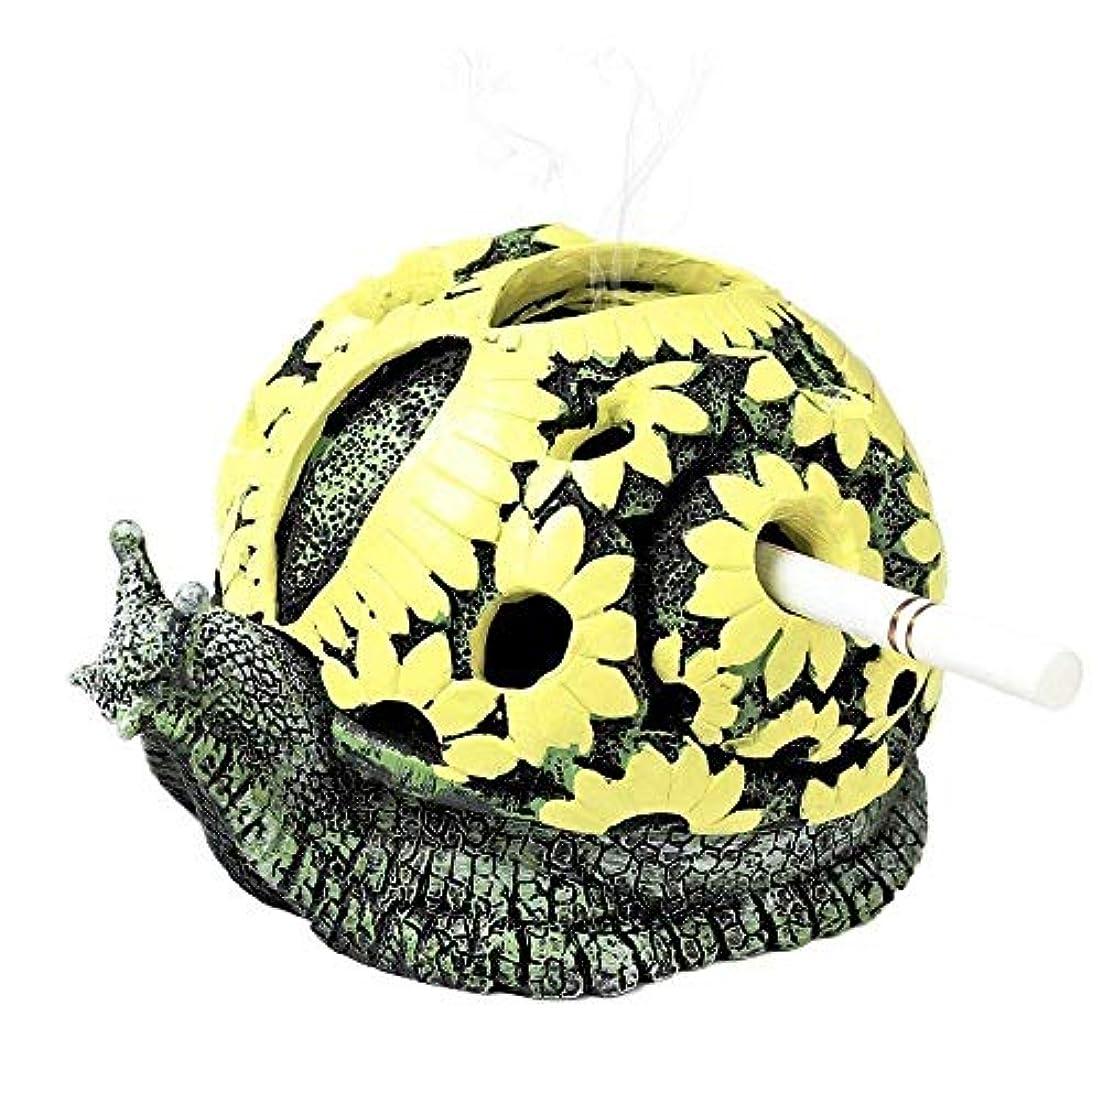 なすスケート注釈を付けるモンスター灰皿クリエイティブカタツムリ灰皿工芸品の装飾クリエイティブタートル灰皿 (色 : Escargot)